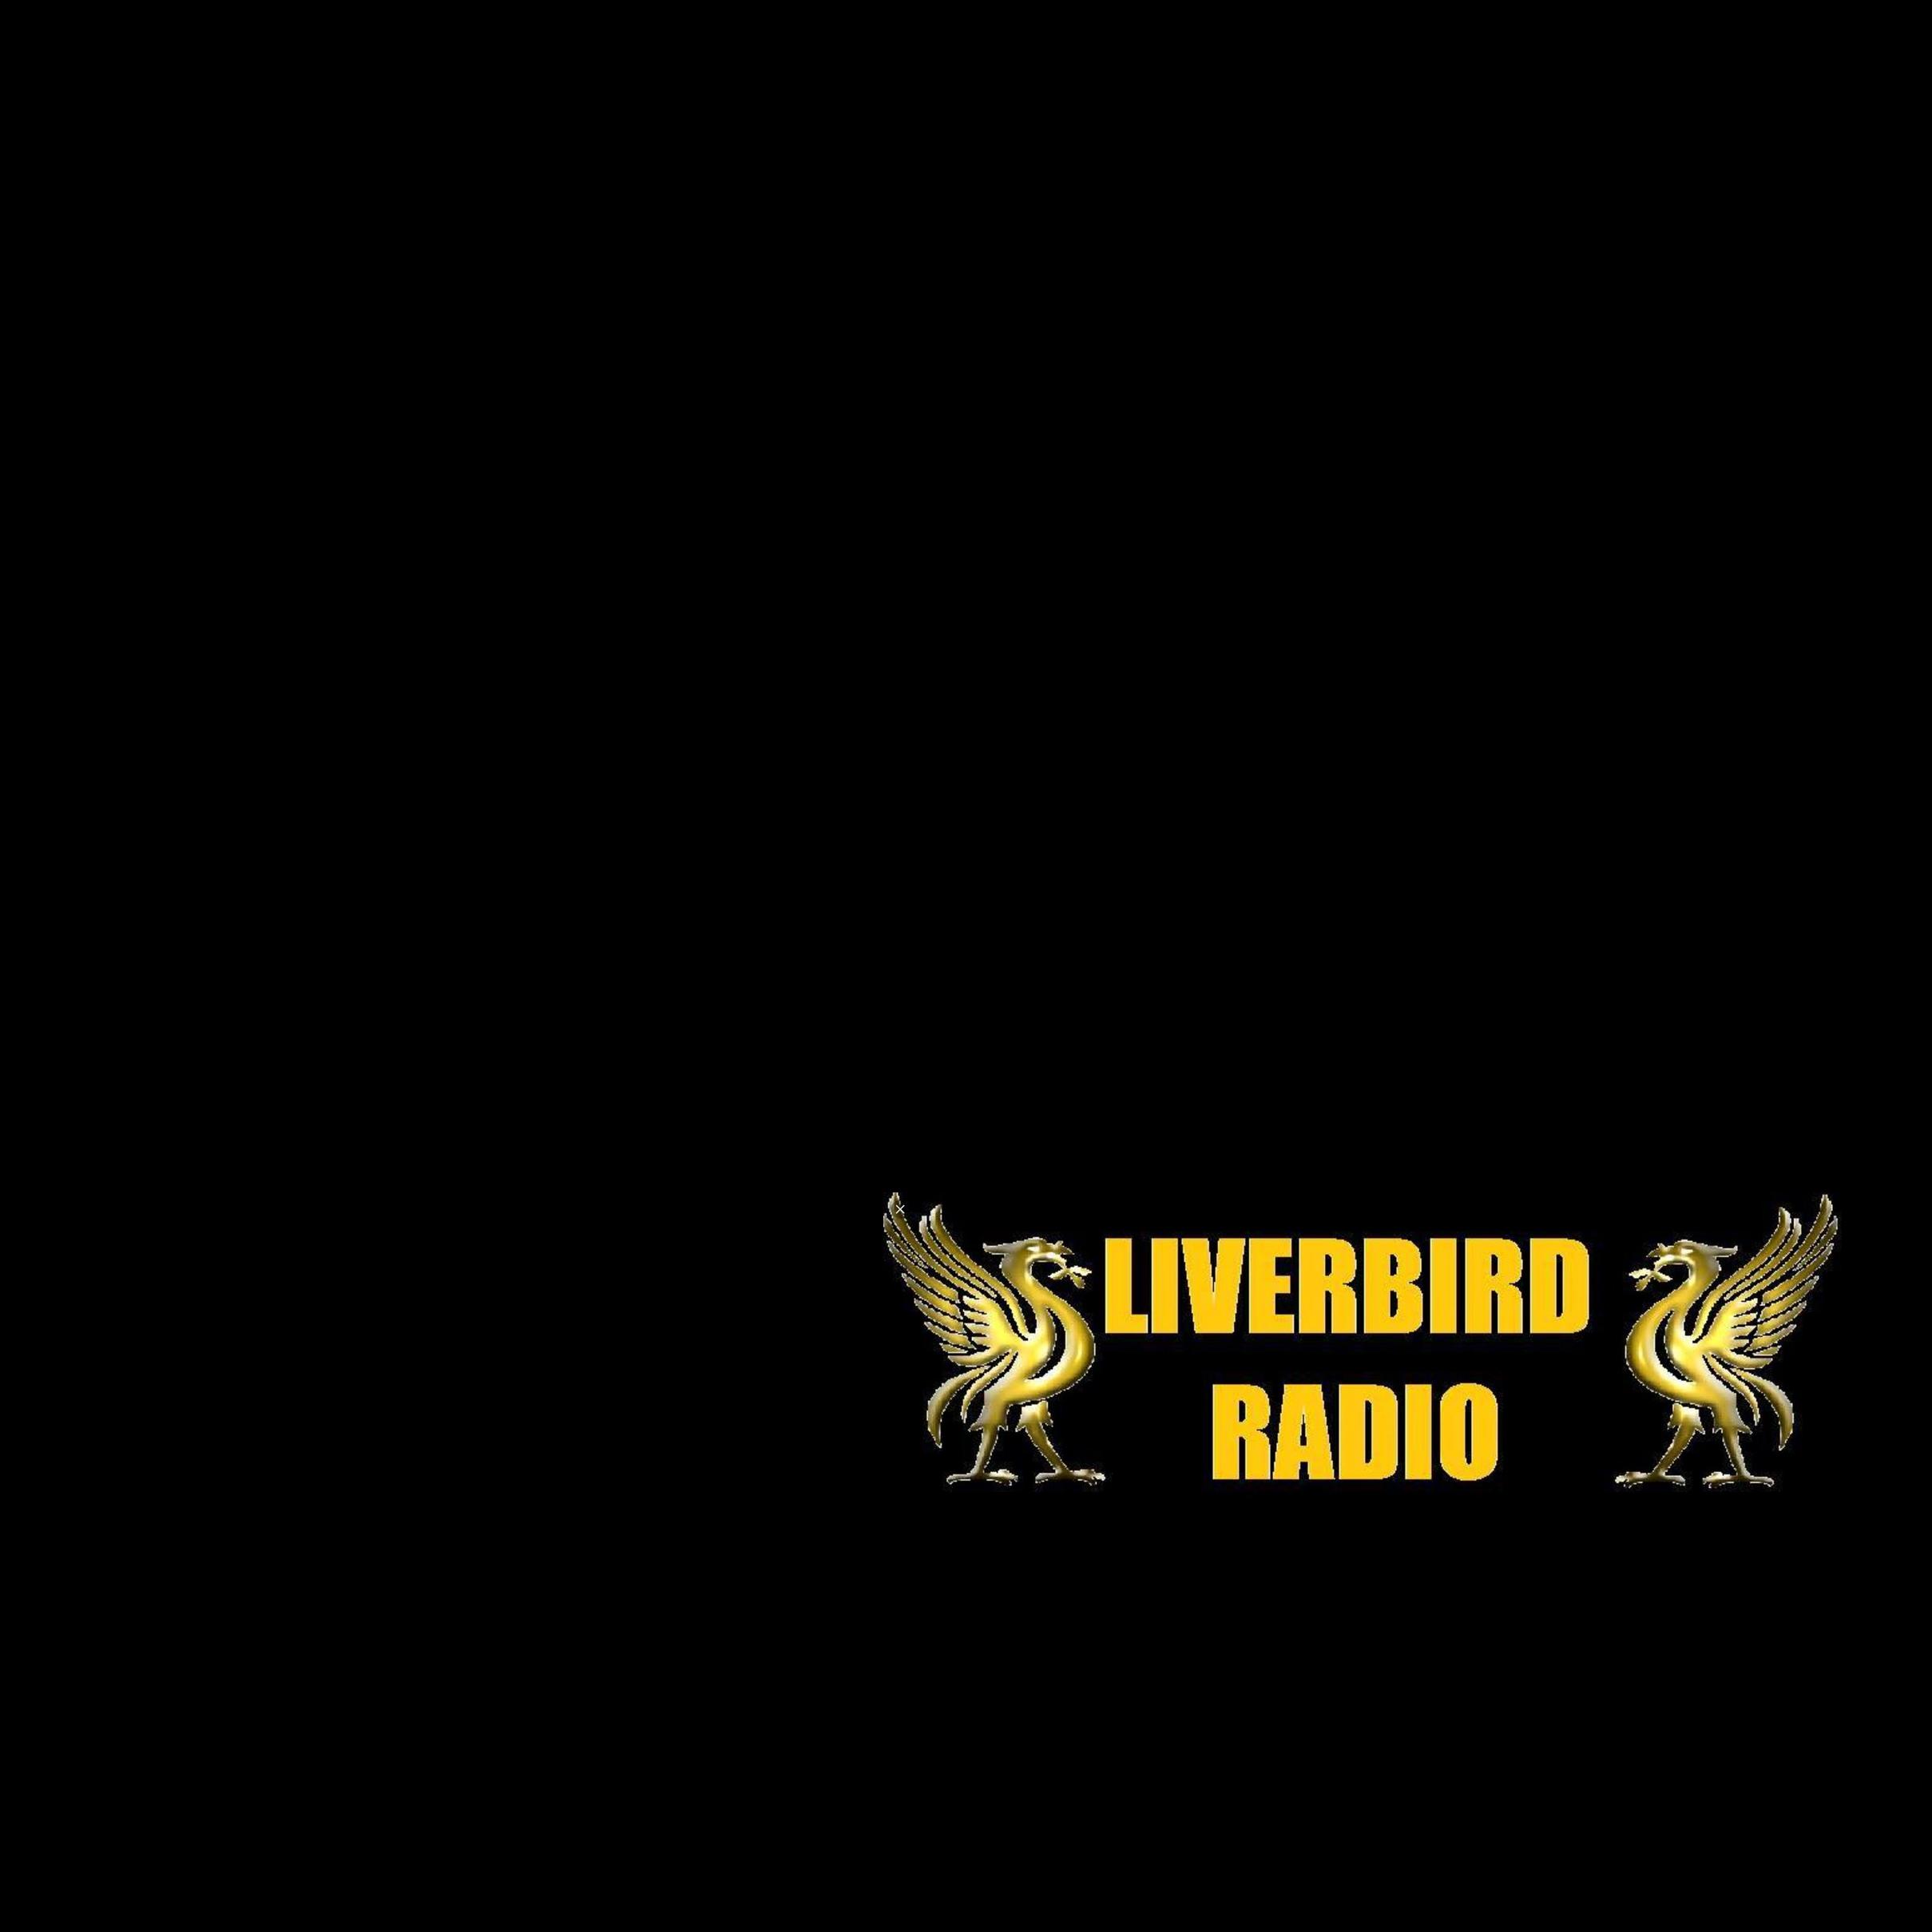 Liverbird radio station